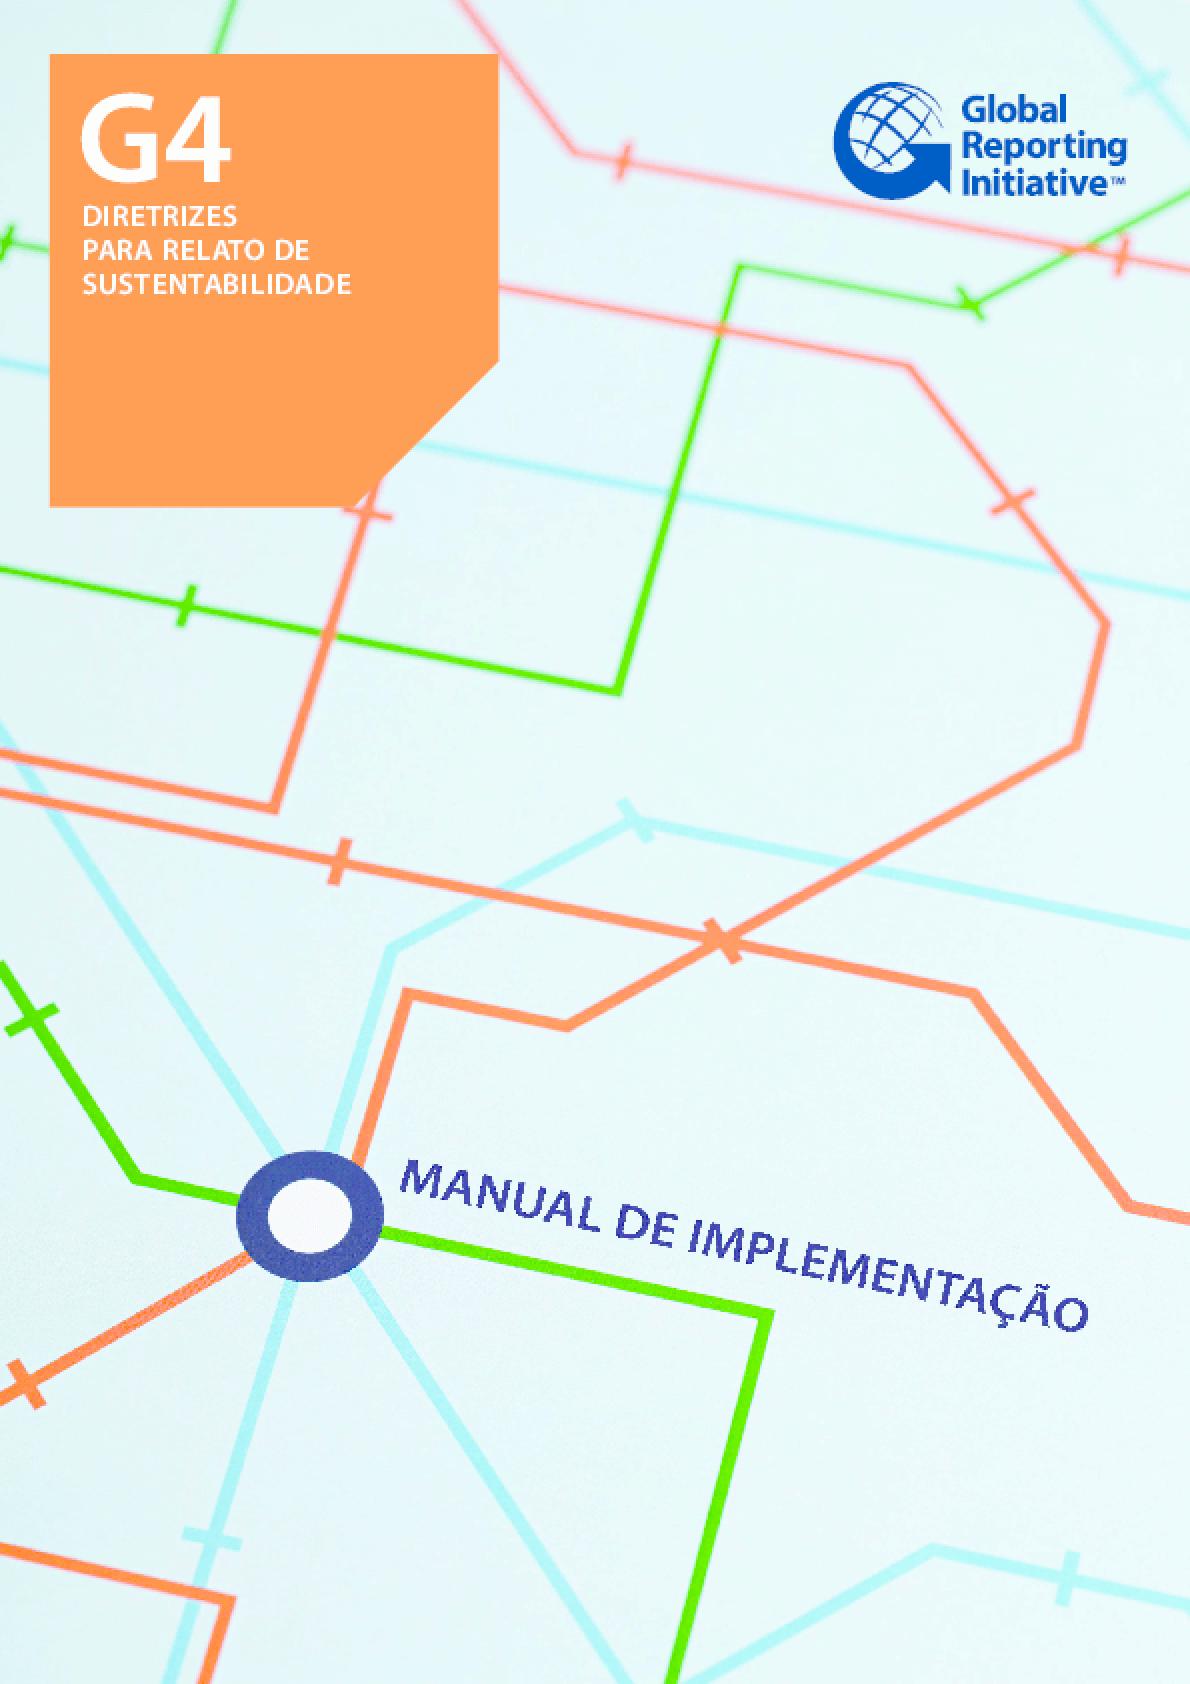 Global Reporting Initiative - G4 - Manual de Implementação